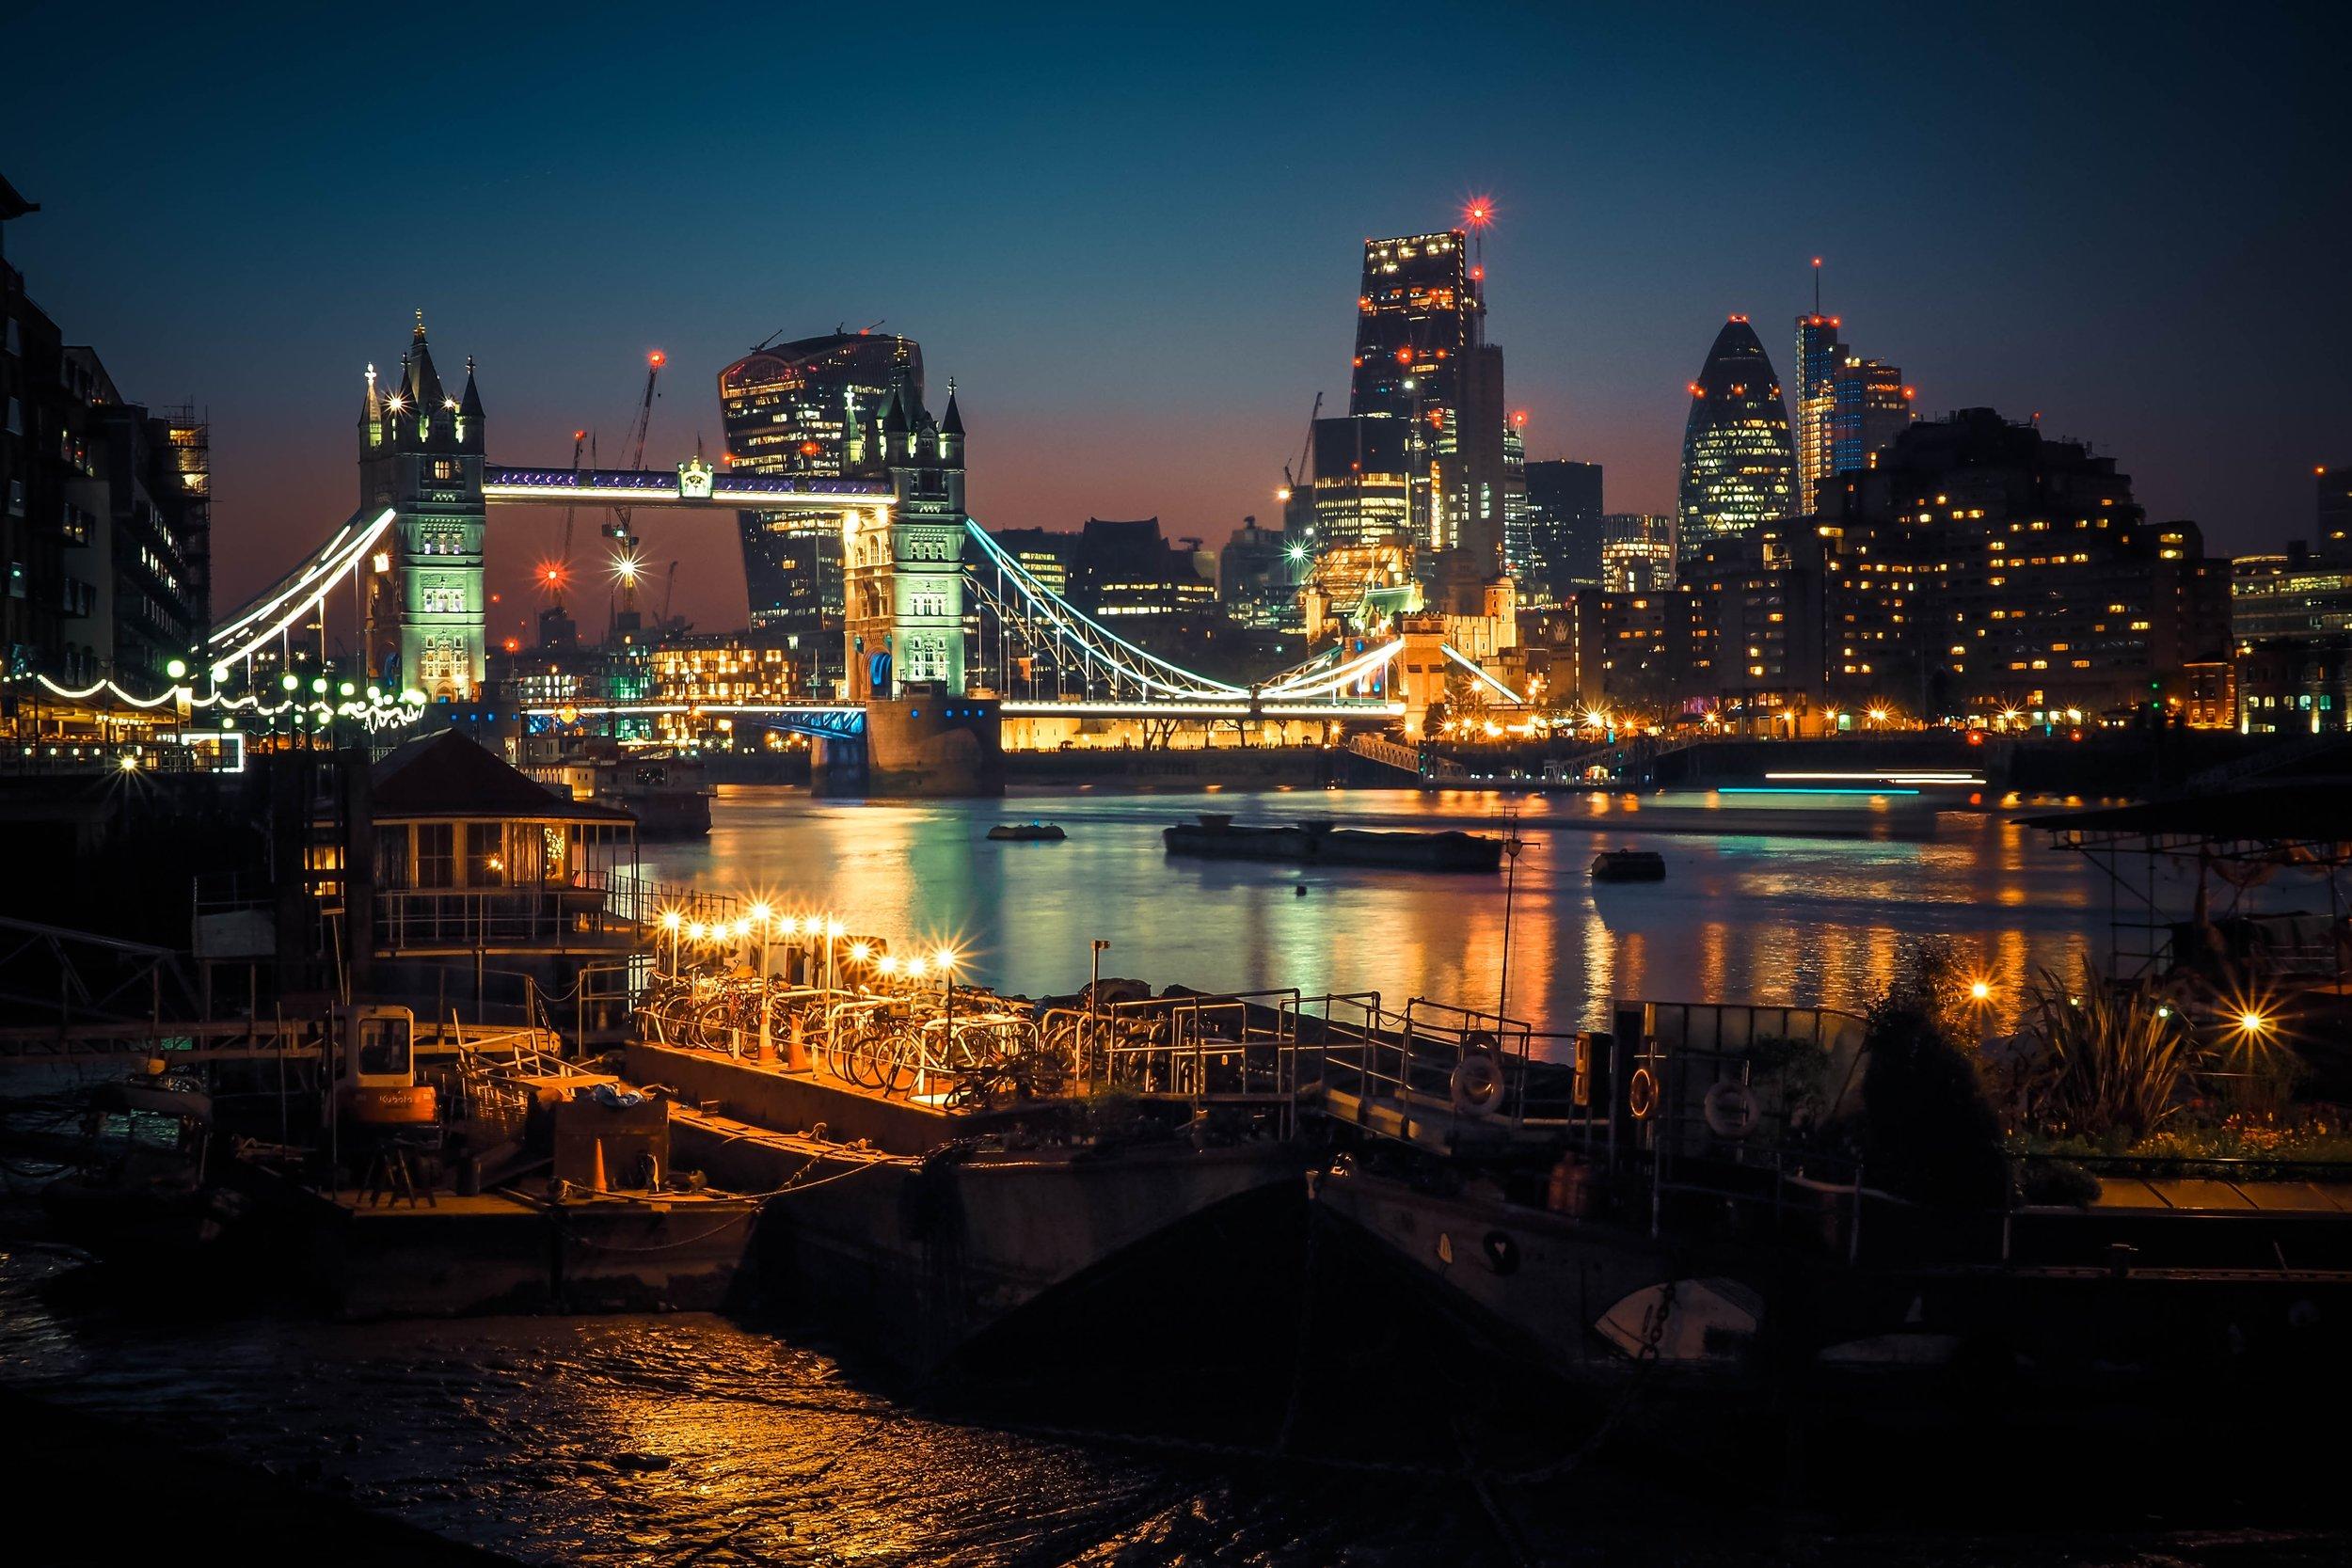 ville-nuit.jpg